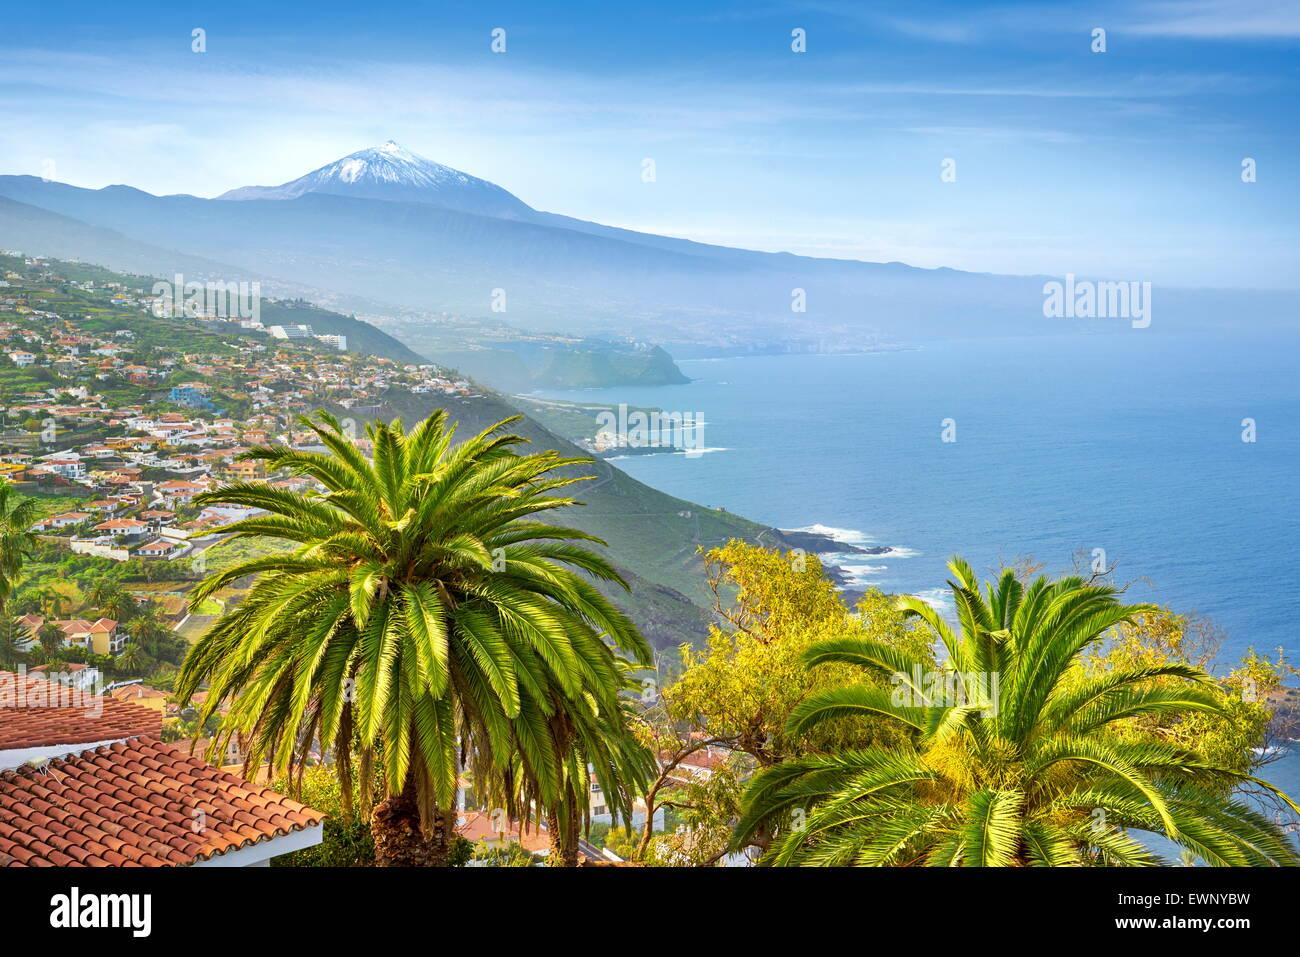 Nord Küste von Teneriffa, Kanarische Inseln, Spanien Stockbild